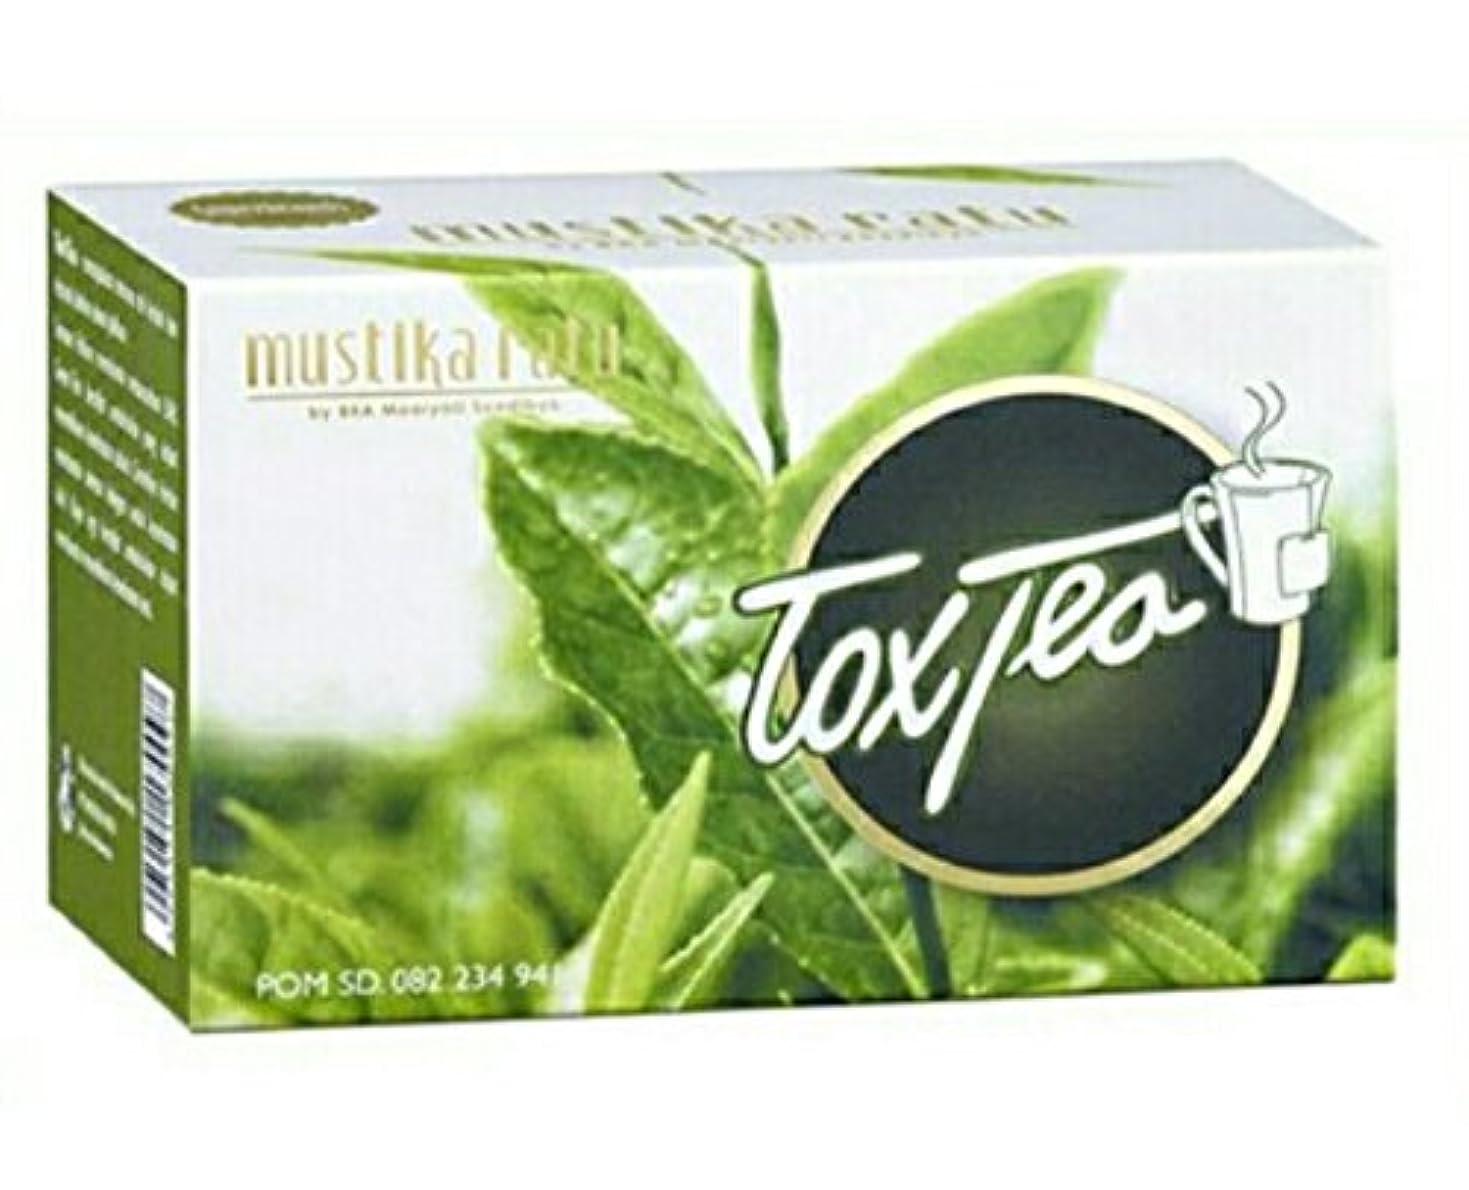 キリマンジャロ信頼性キャメルMustika ratu Tea ムスティカラトゥトックスティー3箱x 15個のティーバッグ= 45個のティーバッグ